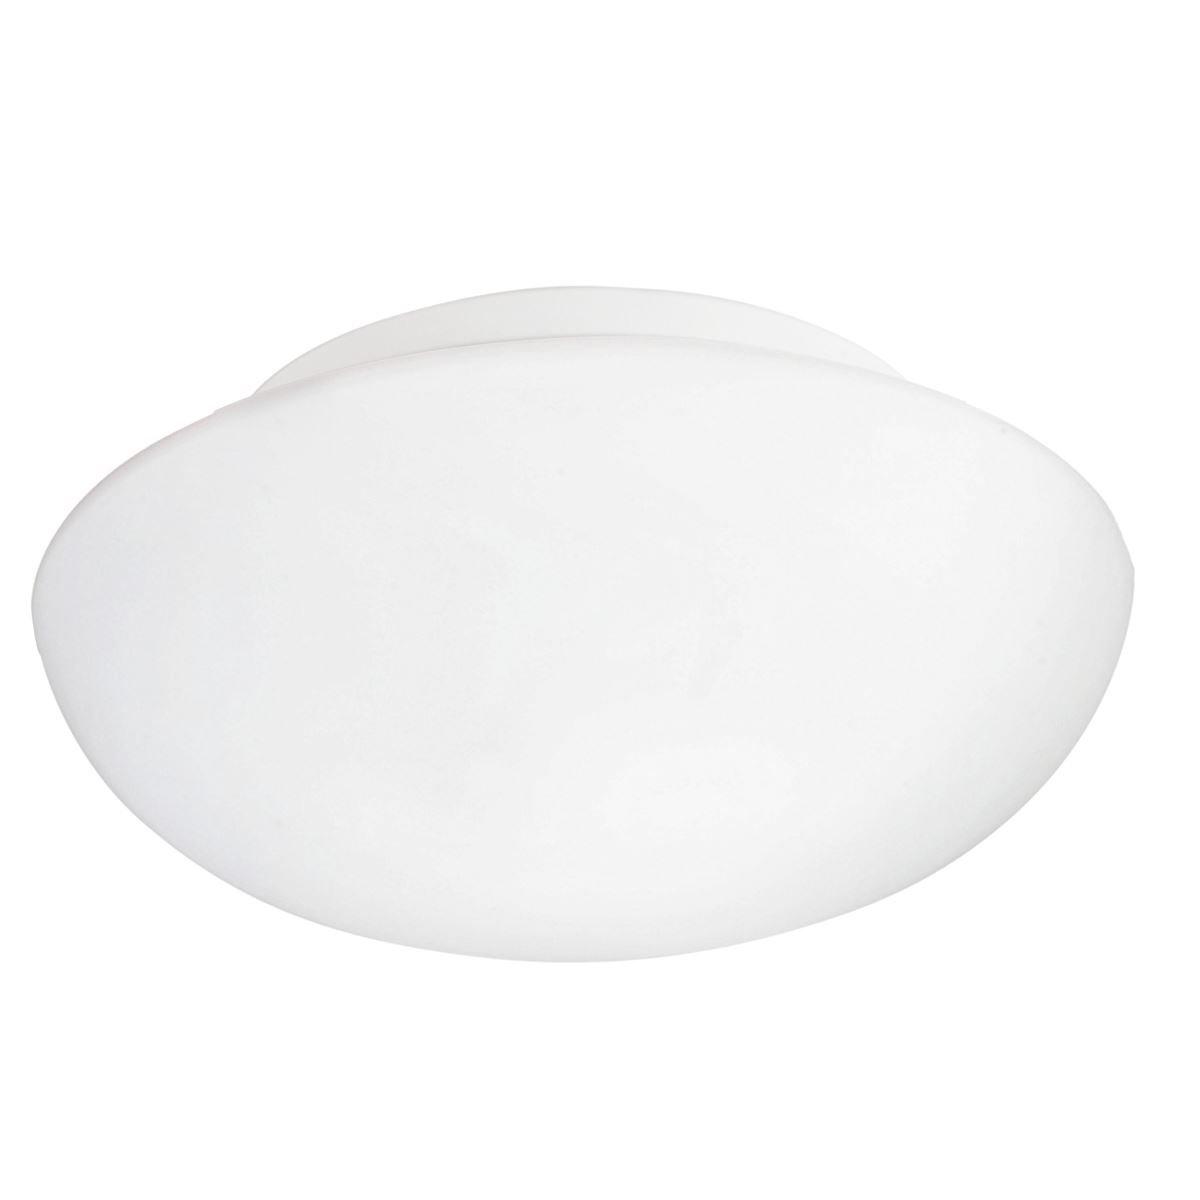 EGLO 83404 Deckenleuchte, Metall, E27, weiß